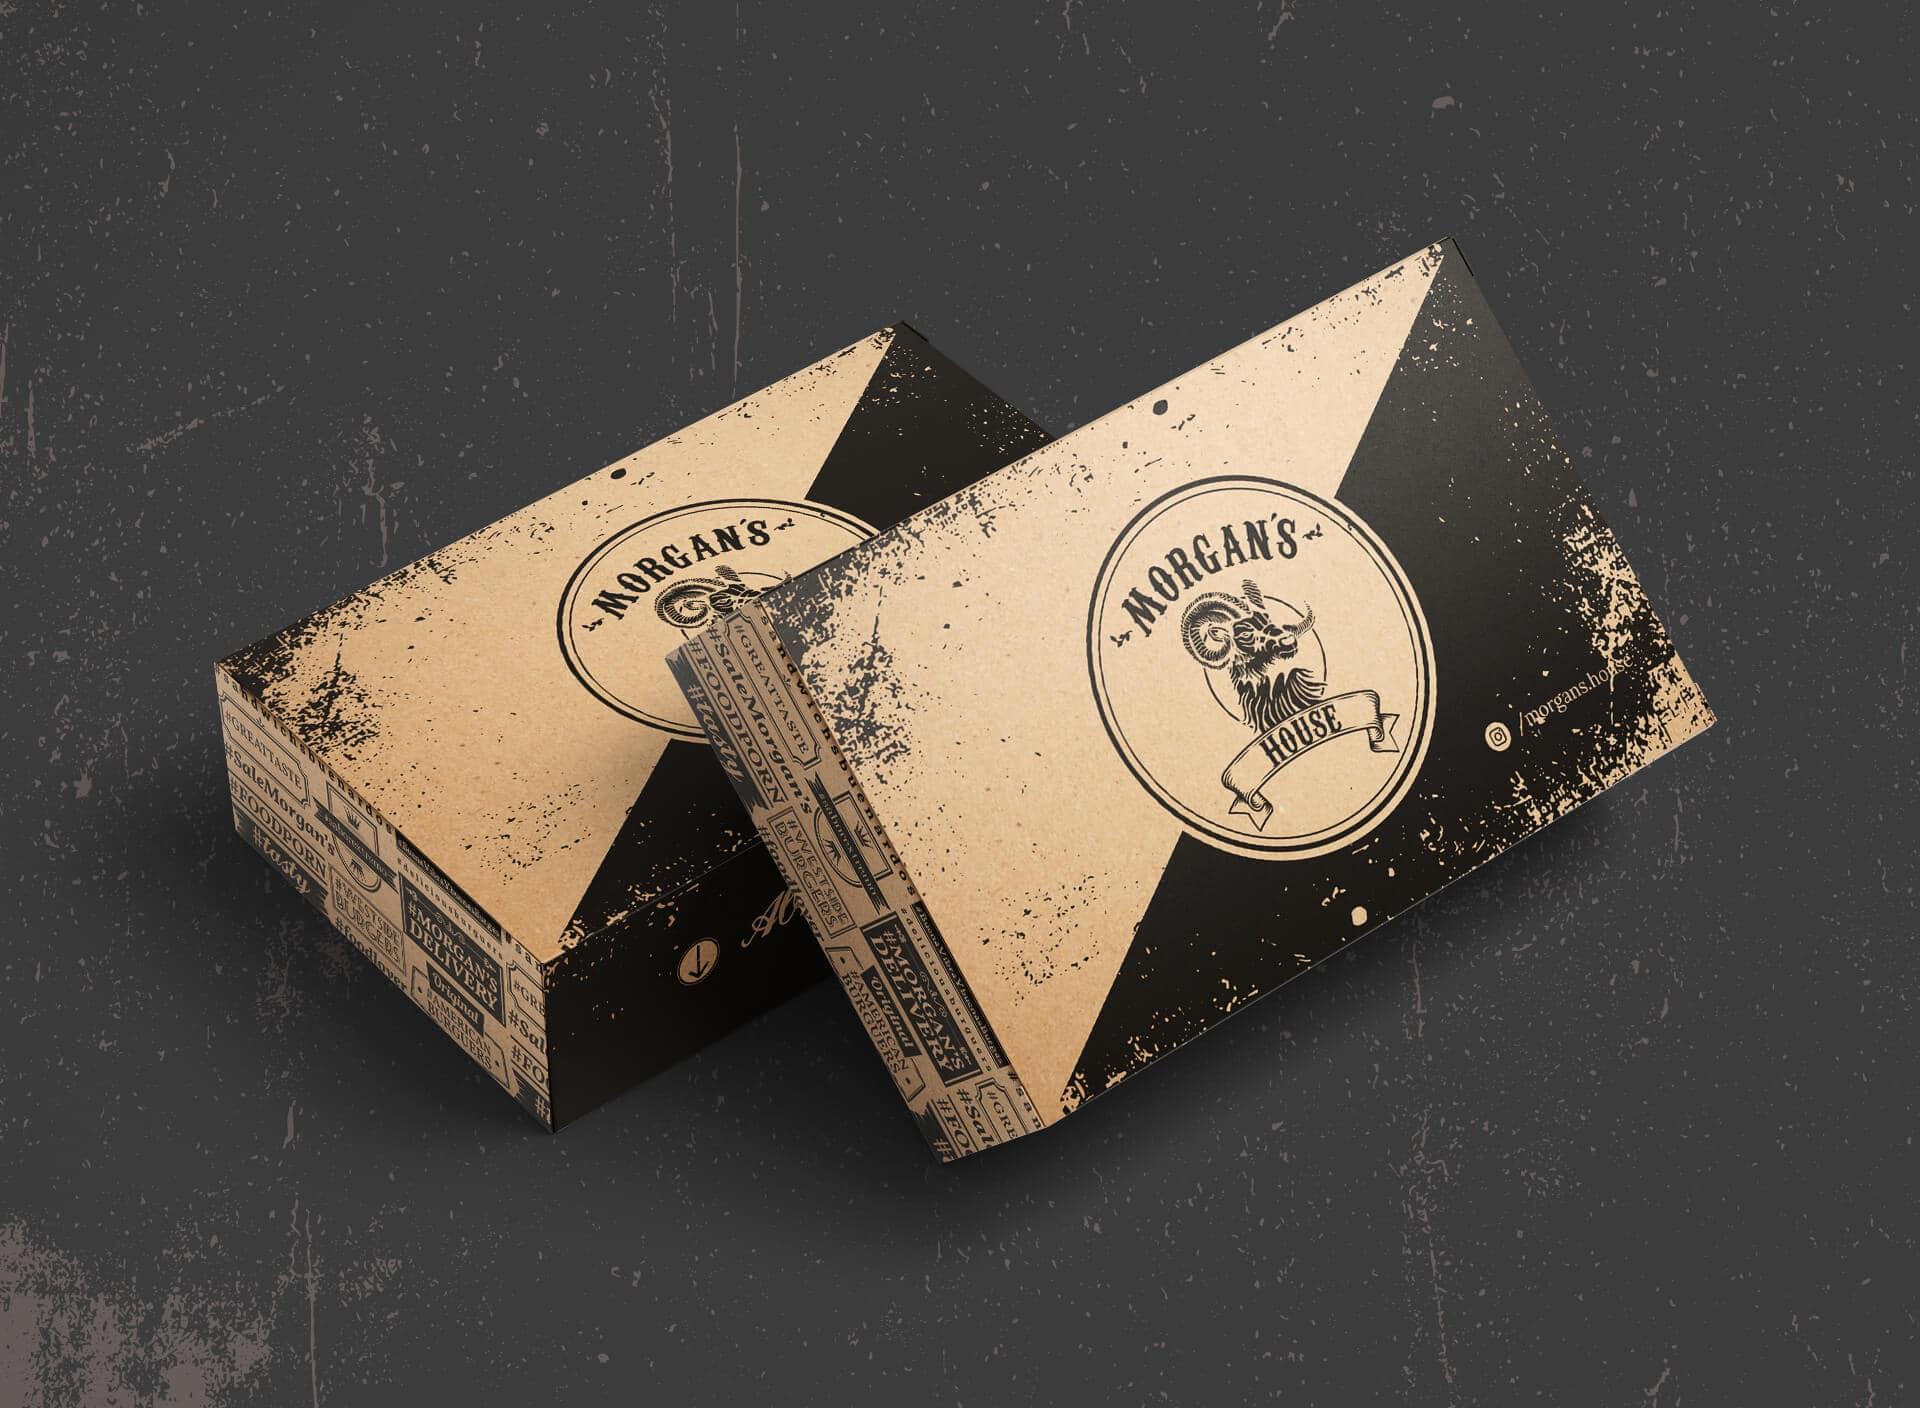 Packaging Morgans